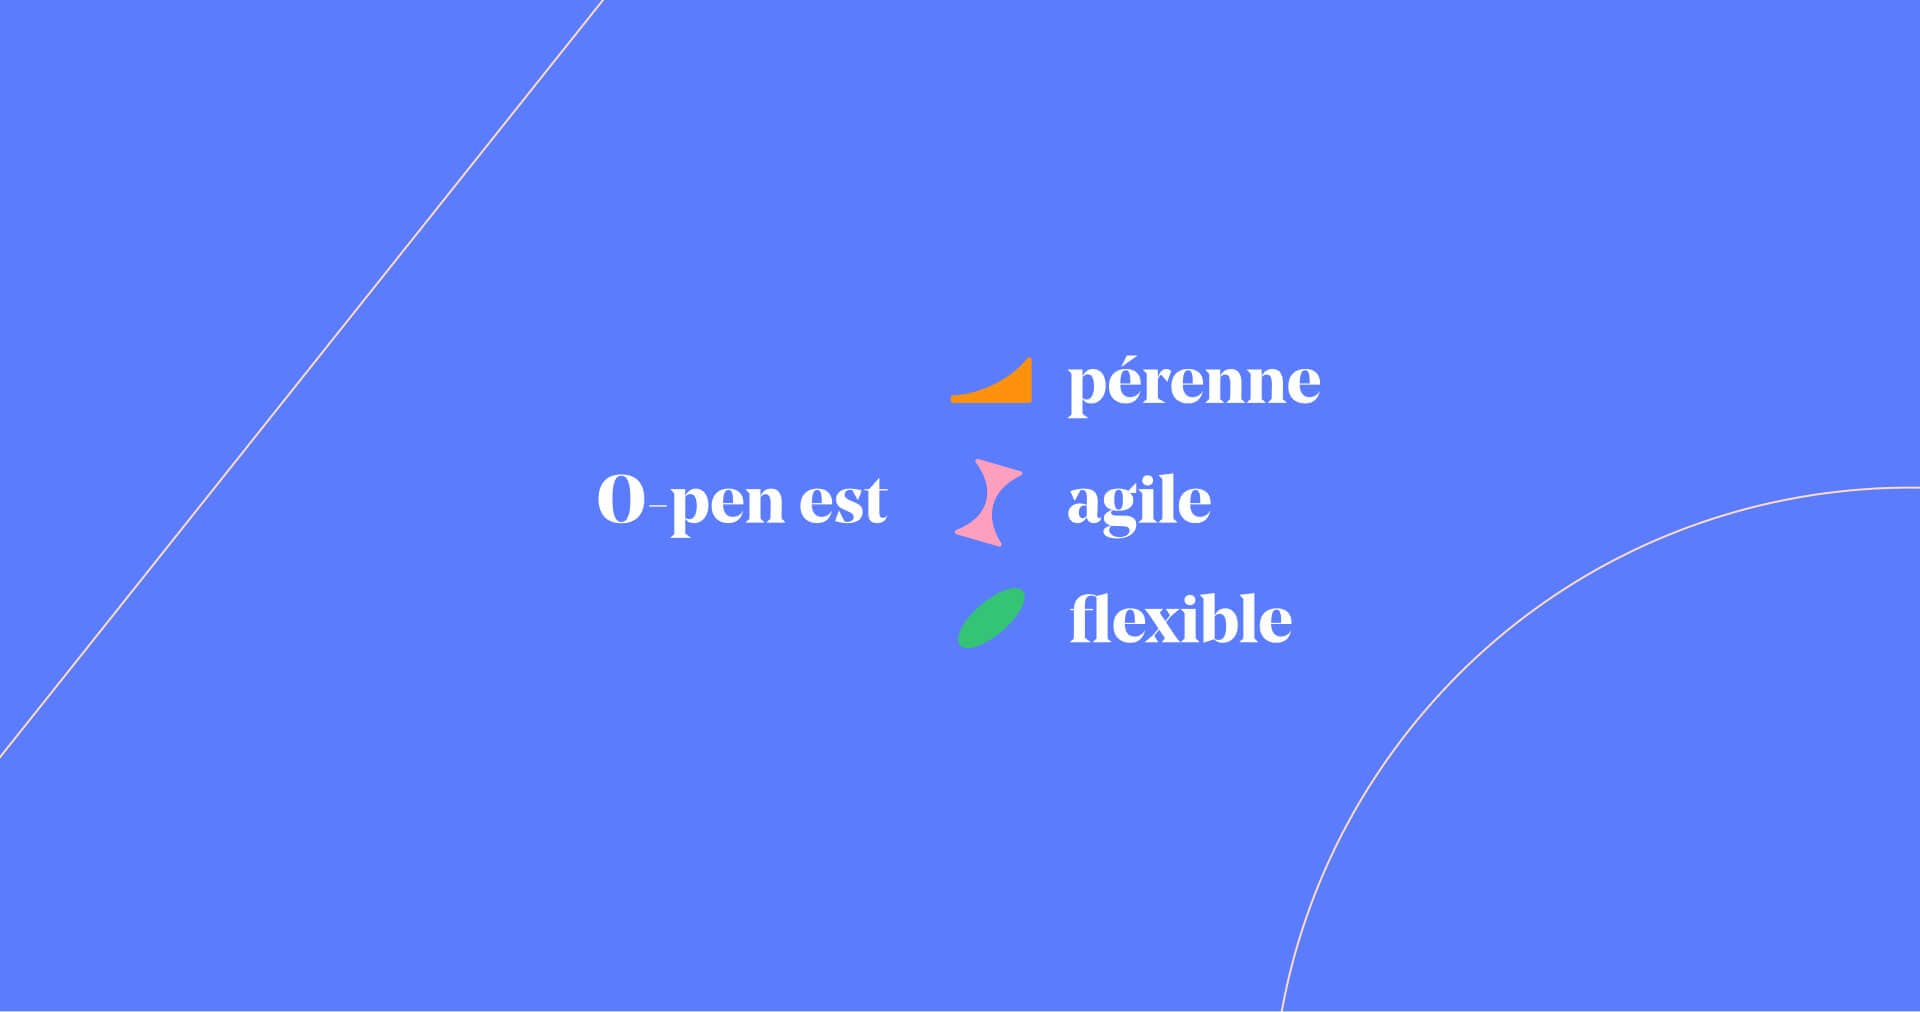 """""""Open est pérenne, agile et flexible"""" with pictograms"""